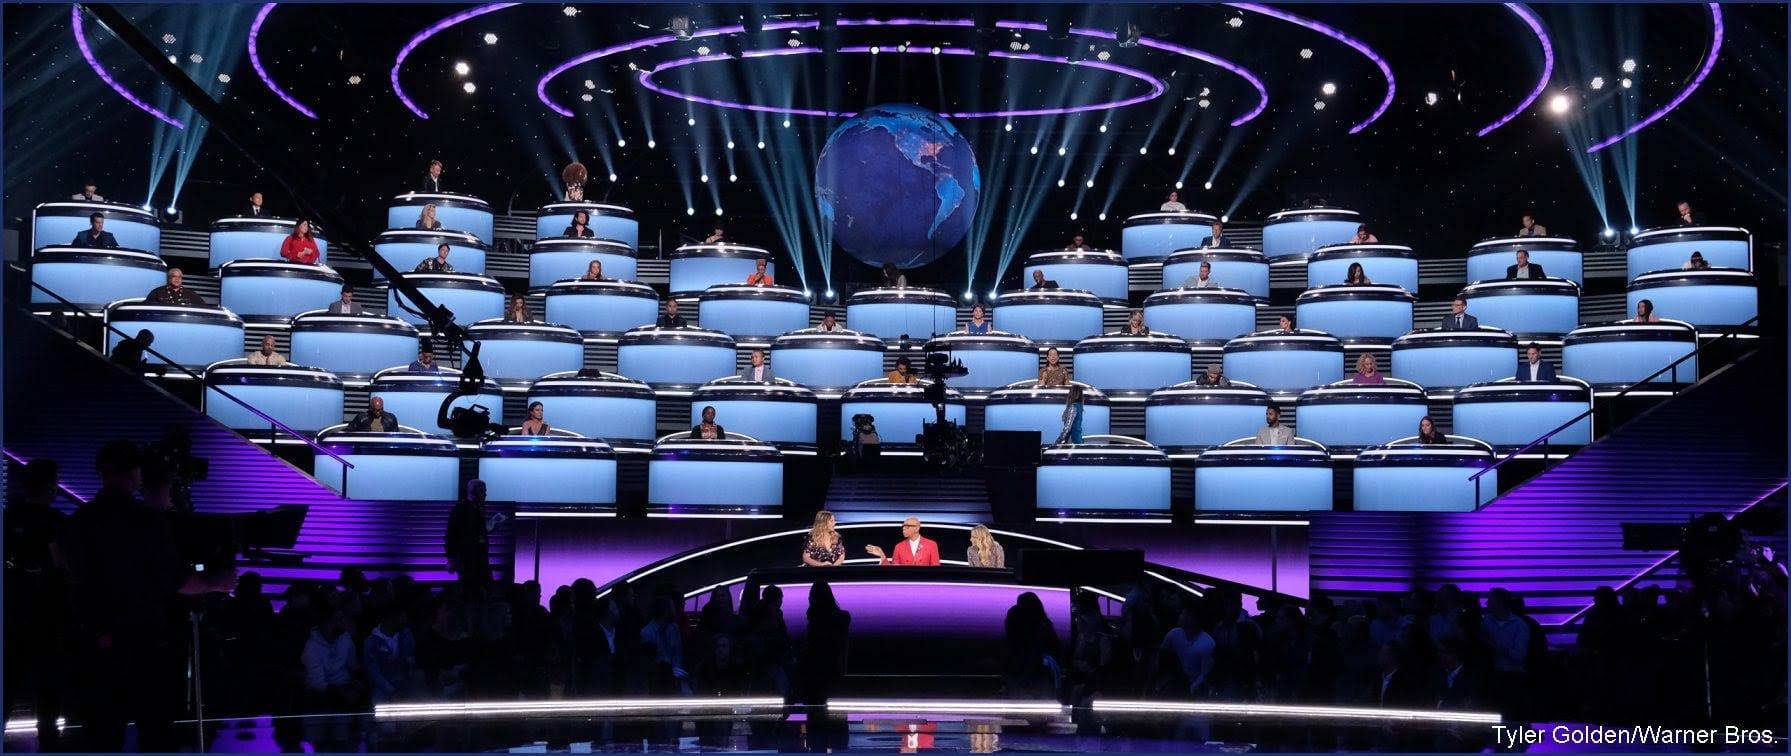 The World's Best. In una tv incapace di rinnovarsi, presentiamo una carrellata di format provenienti da tutto il mondo con Scova il format